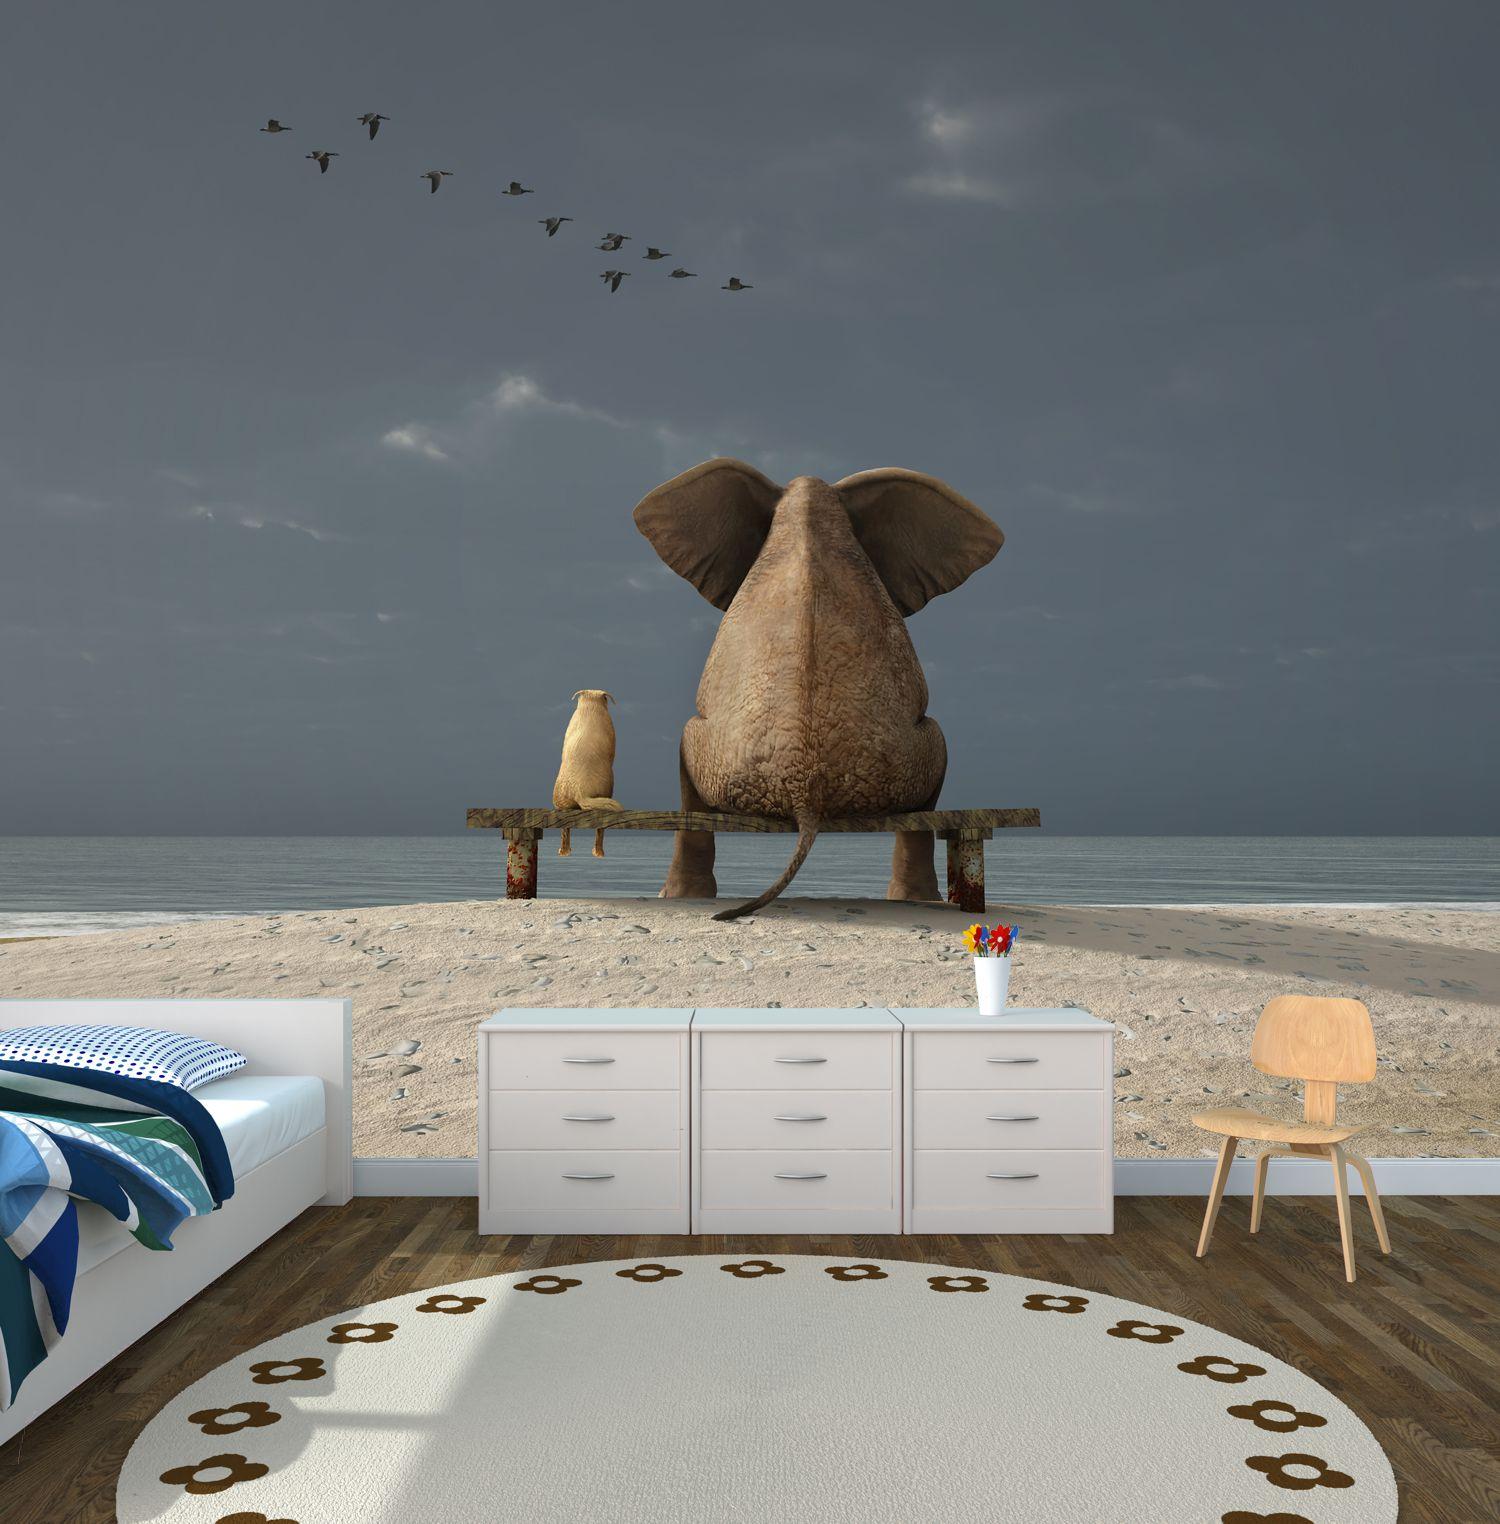 poster fototapete selbstklebend tiere elefant hund freundschaft meer ebay. Black Bedroom Furniture Sets. Home Design Ideas